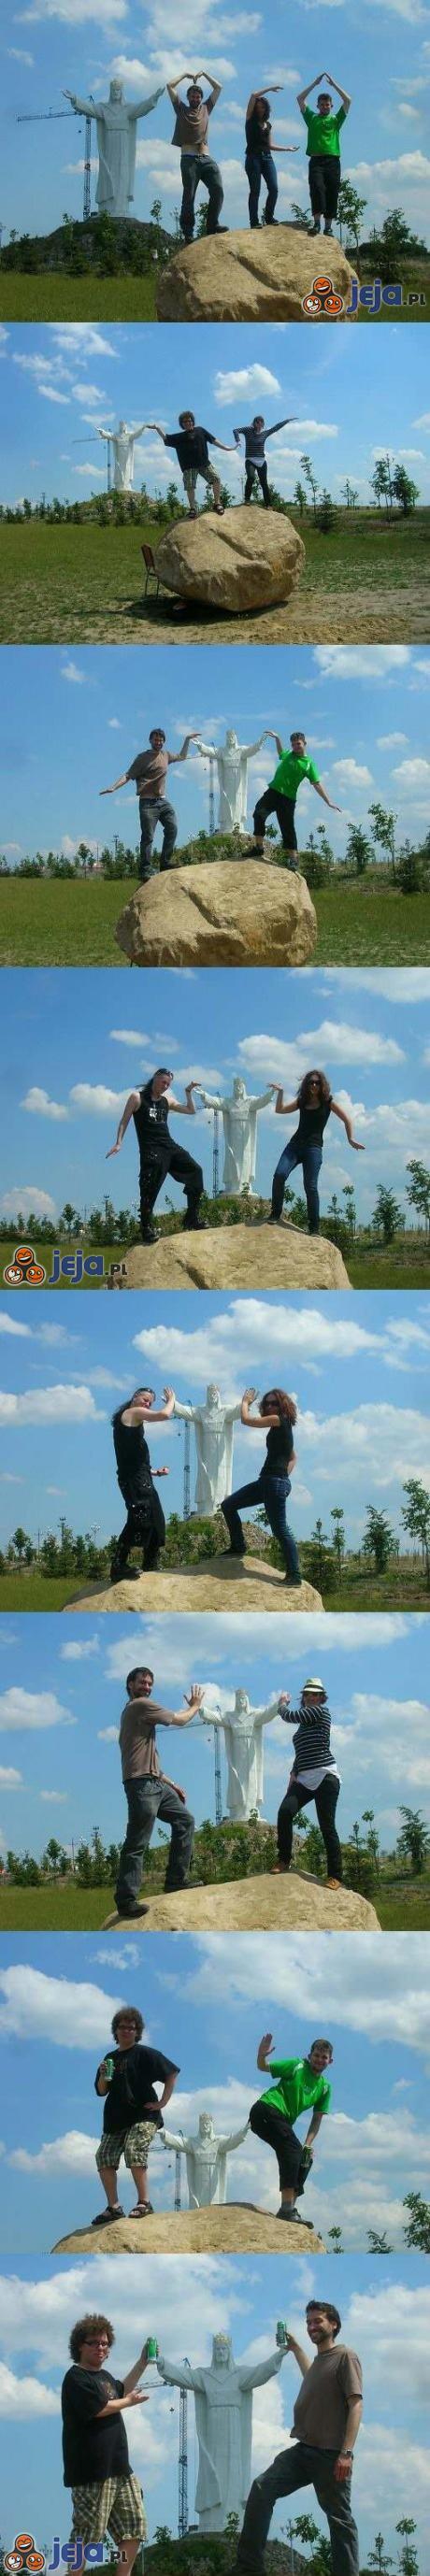 Polska na wesoło: fotki z Jezusem ze Świebodzina